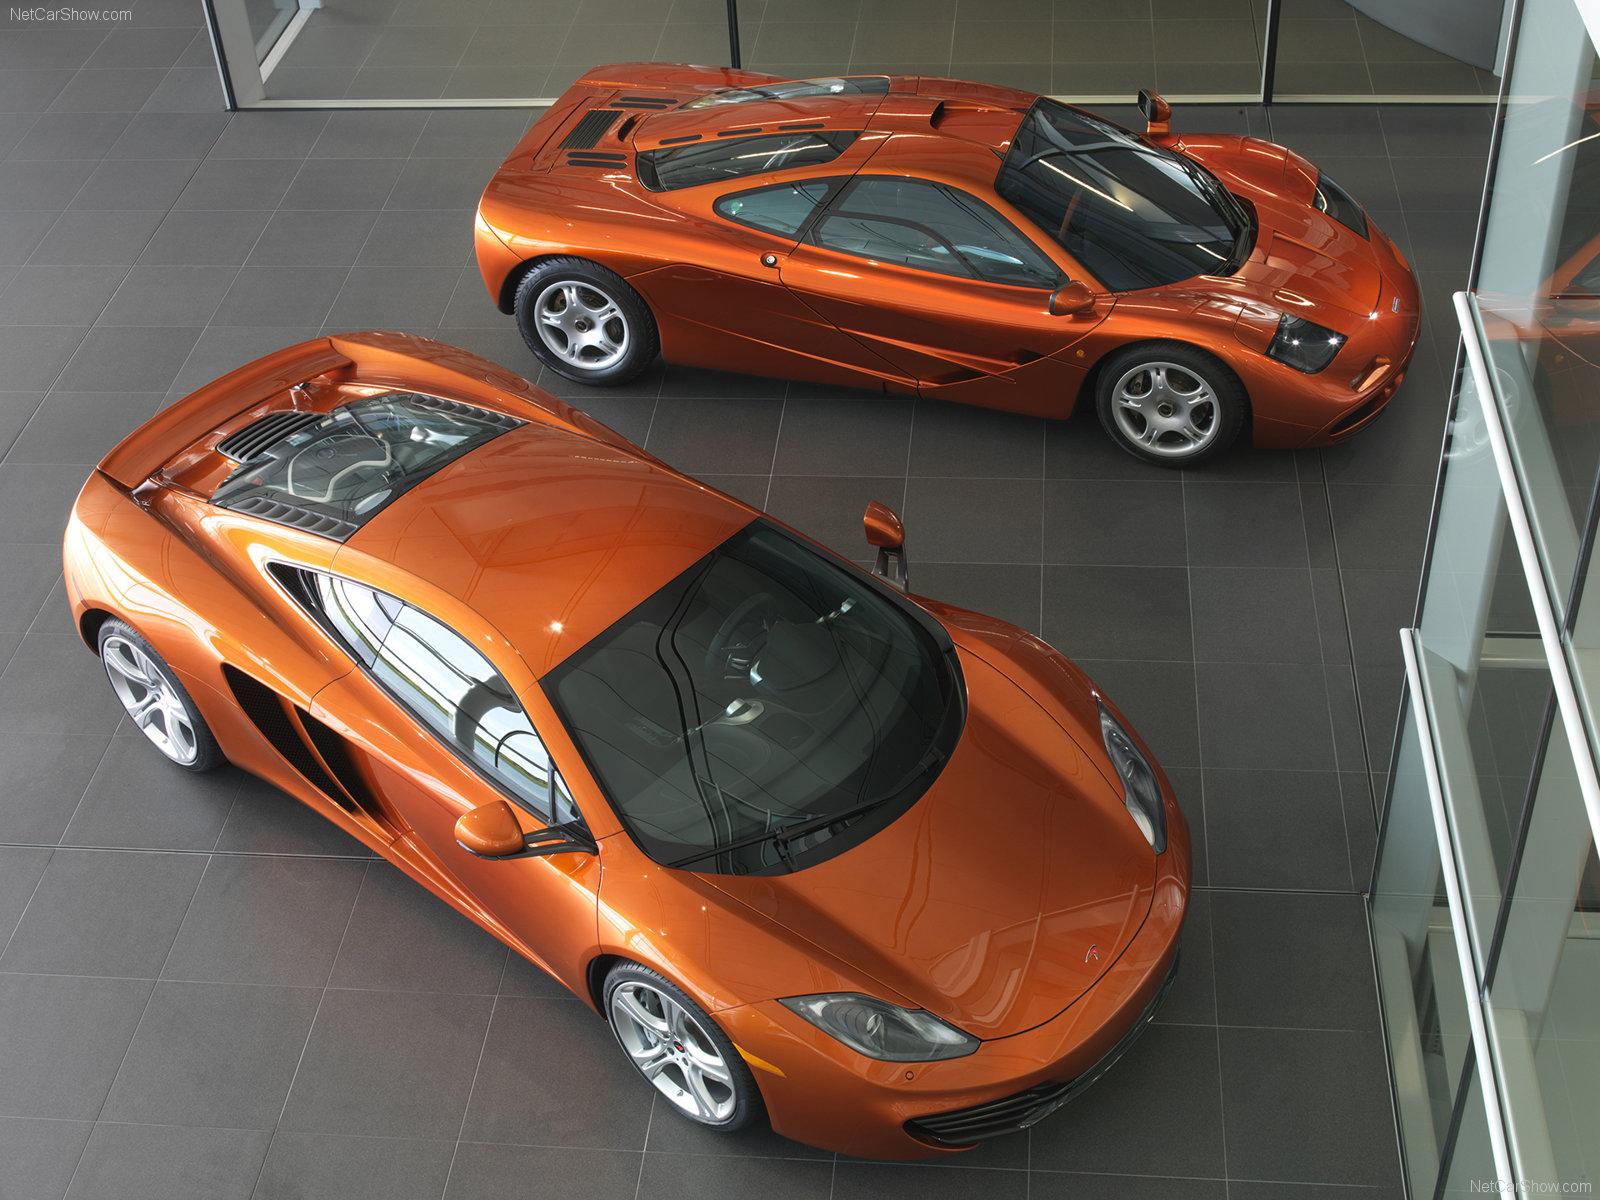 McLaren MP4 12C 2011 McLaren-MP4-12C-2011-1600-5f